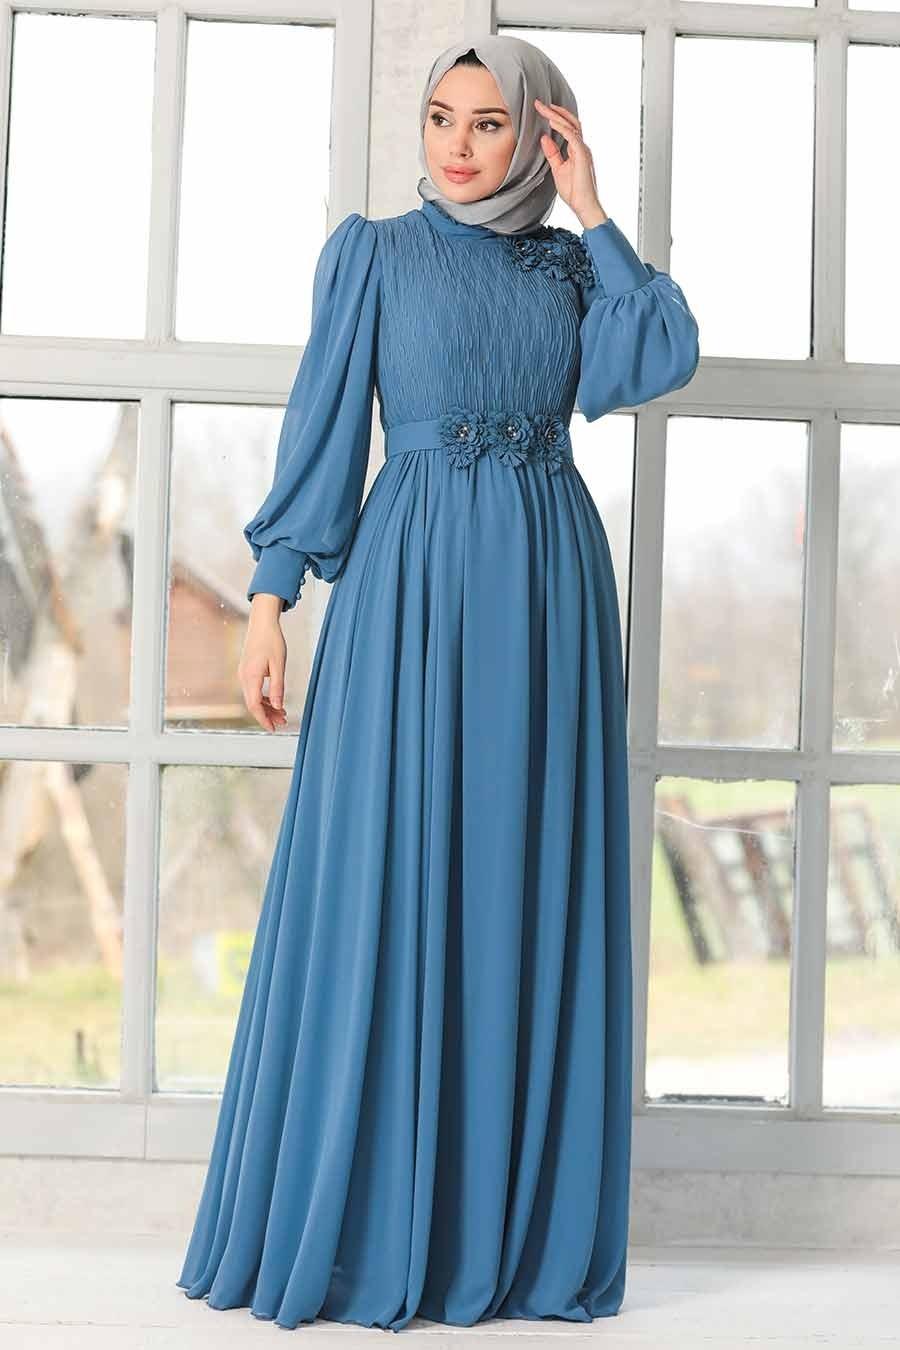 Tesettürlü Abiye Elbise - Çiçek Detaylı İndigo Mavisi Tesettür Abiye Elbise 21951IM